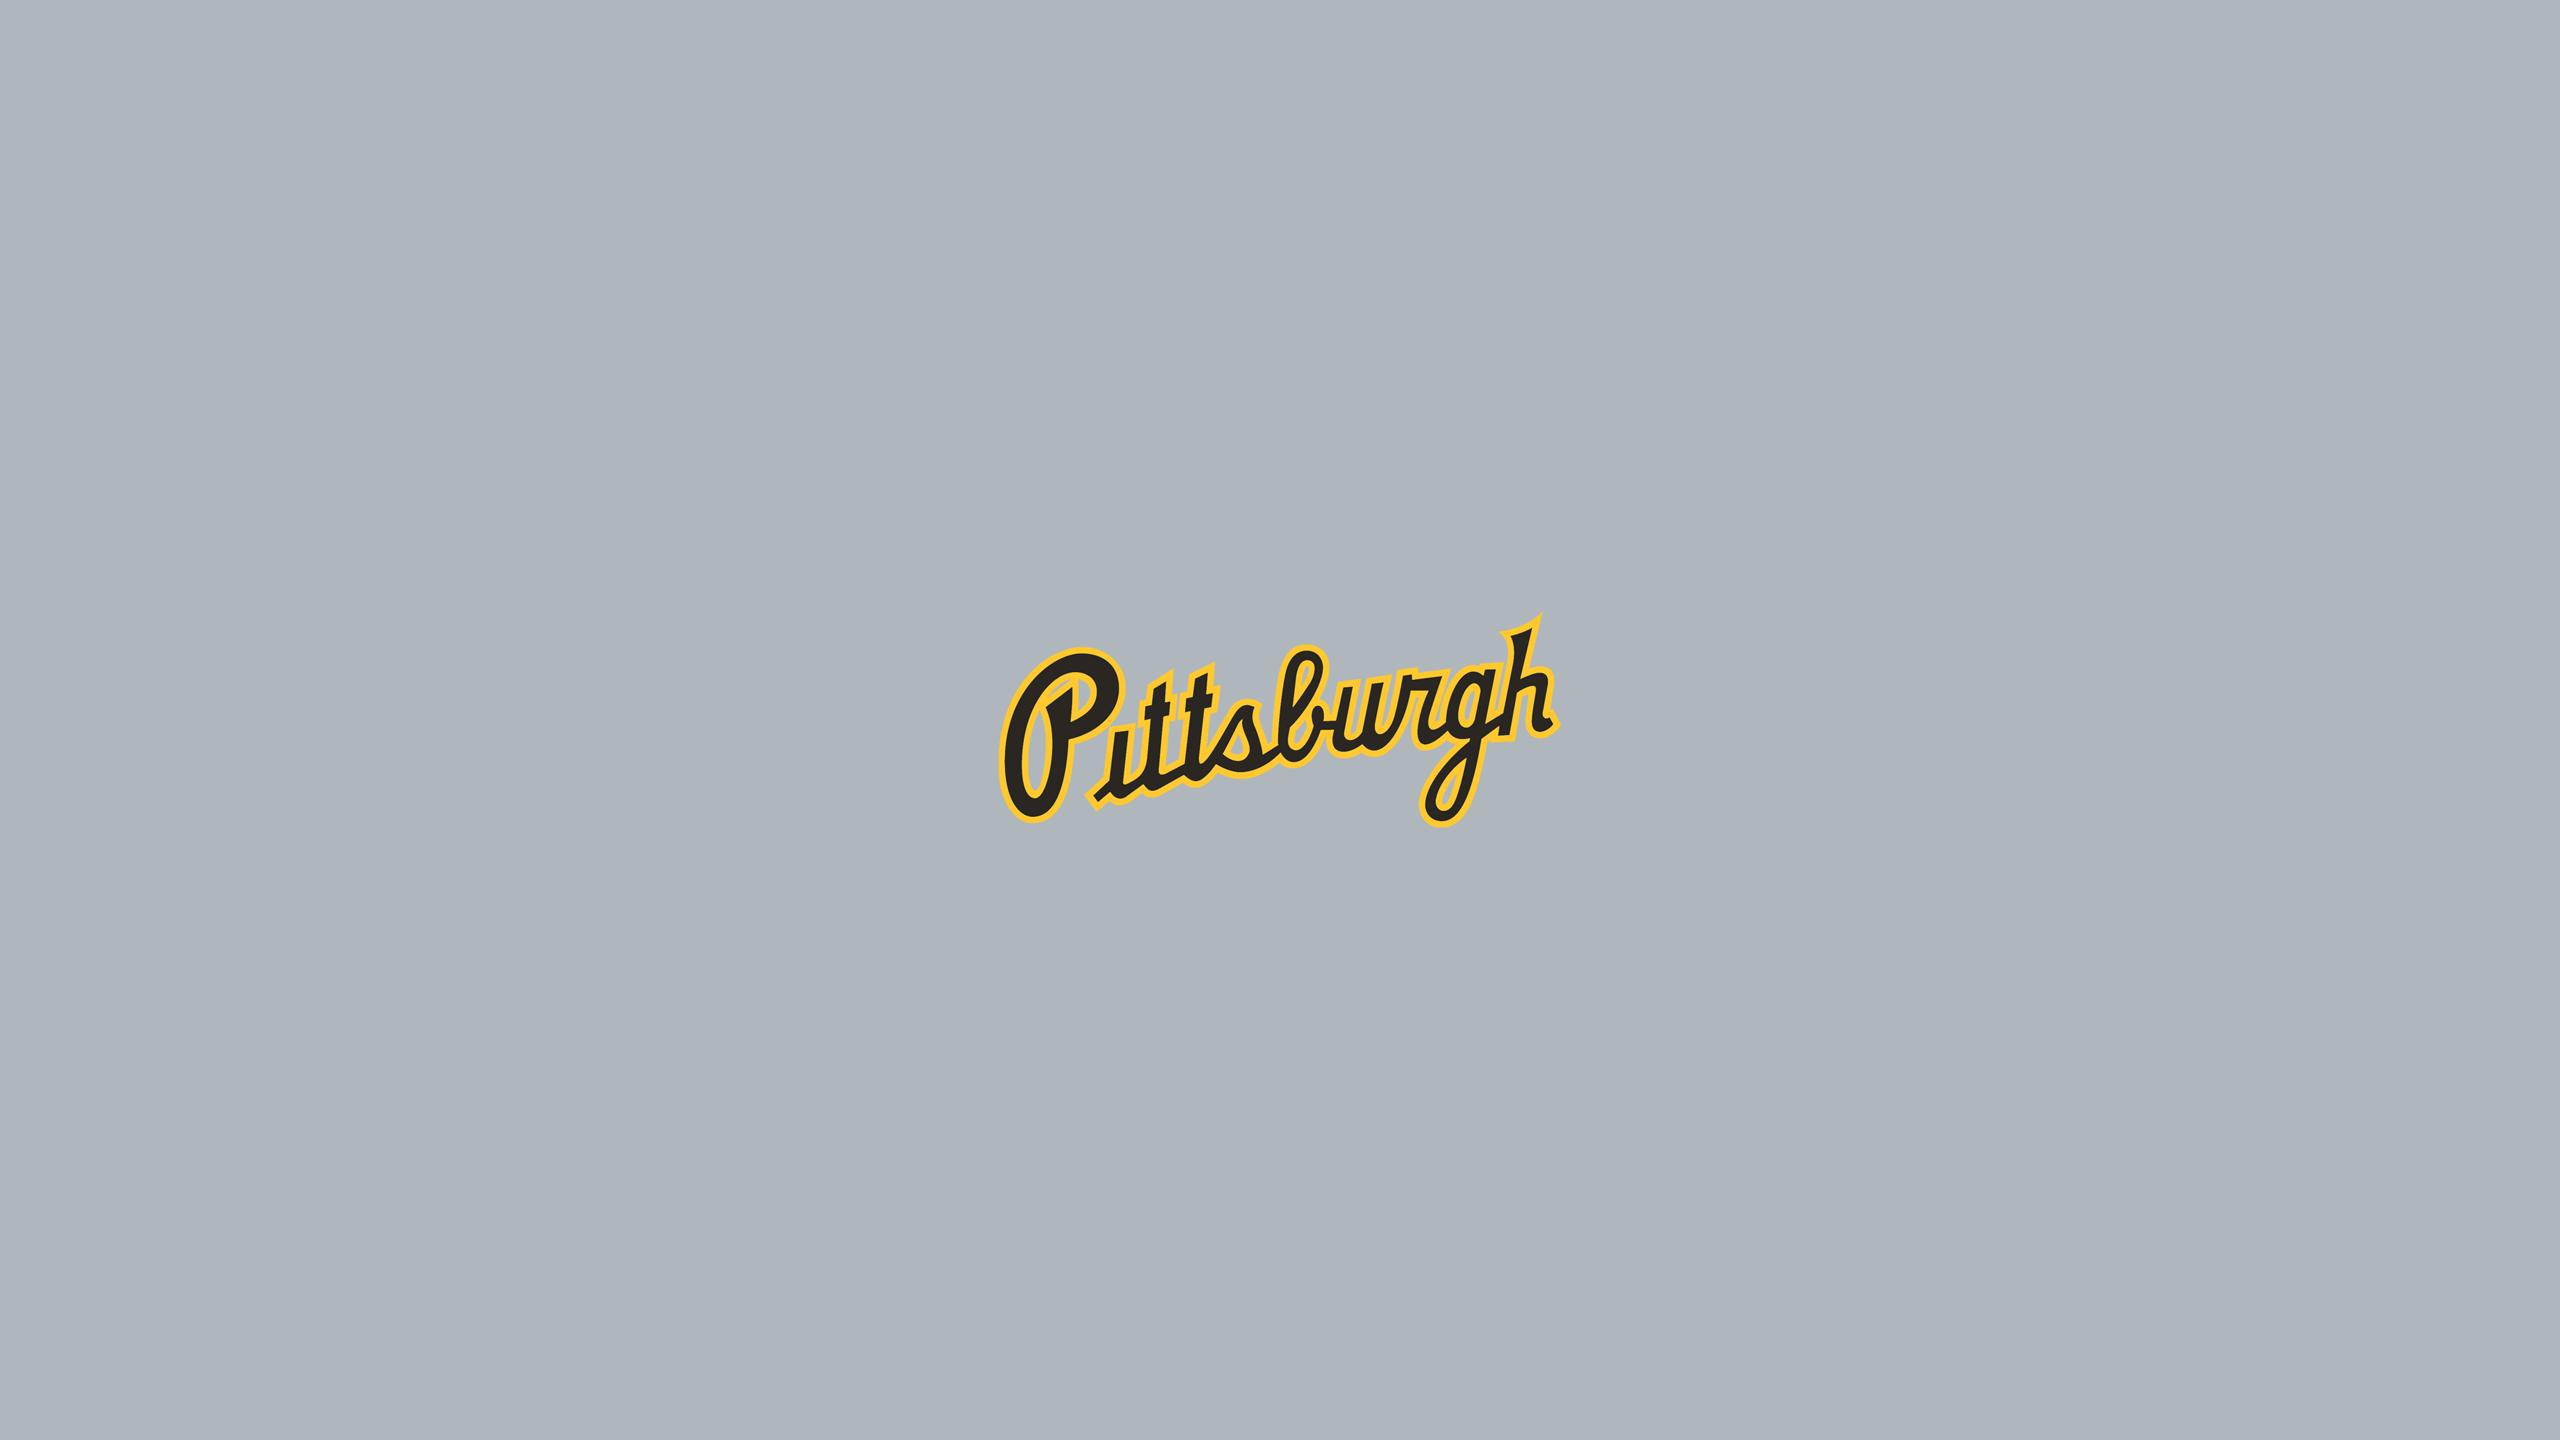 Pittsburgh Pirates (Away)